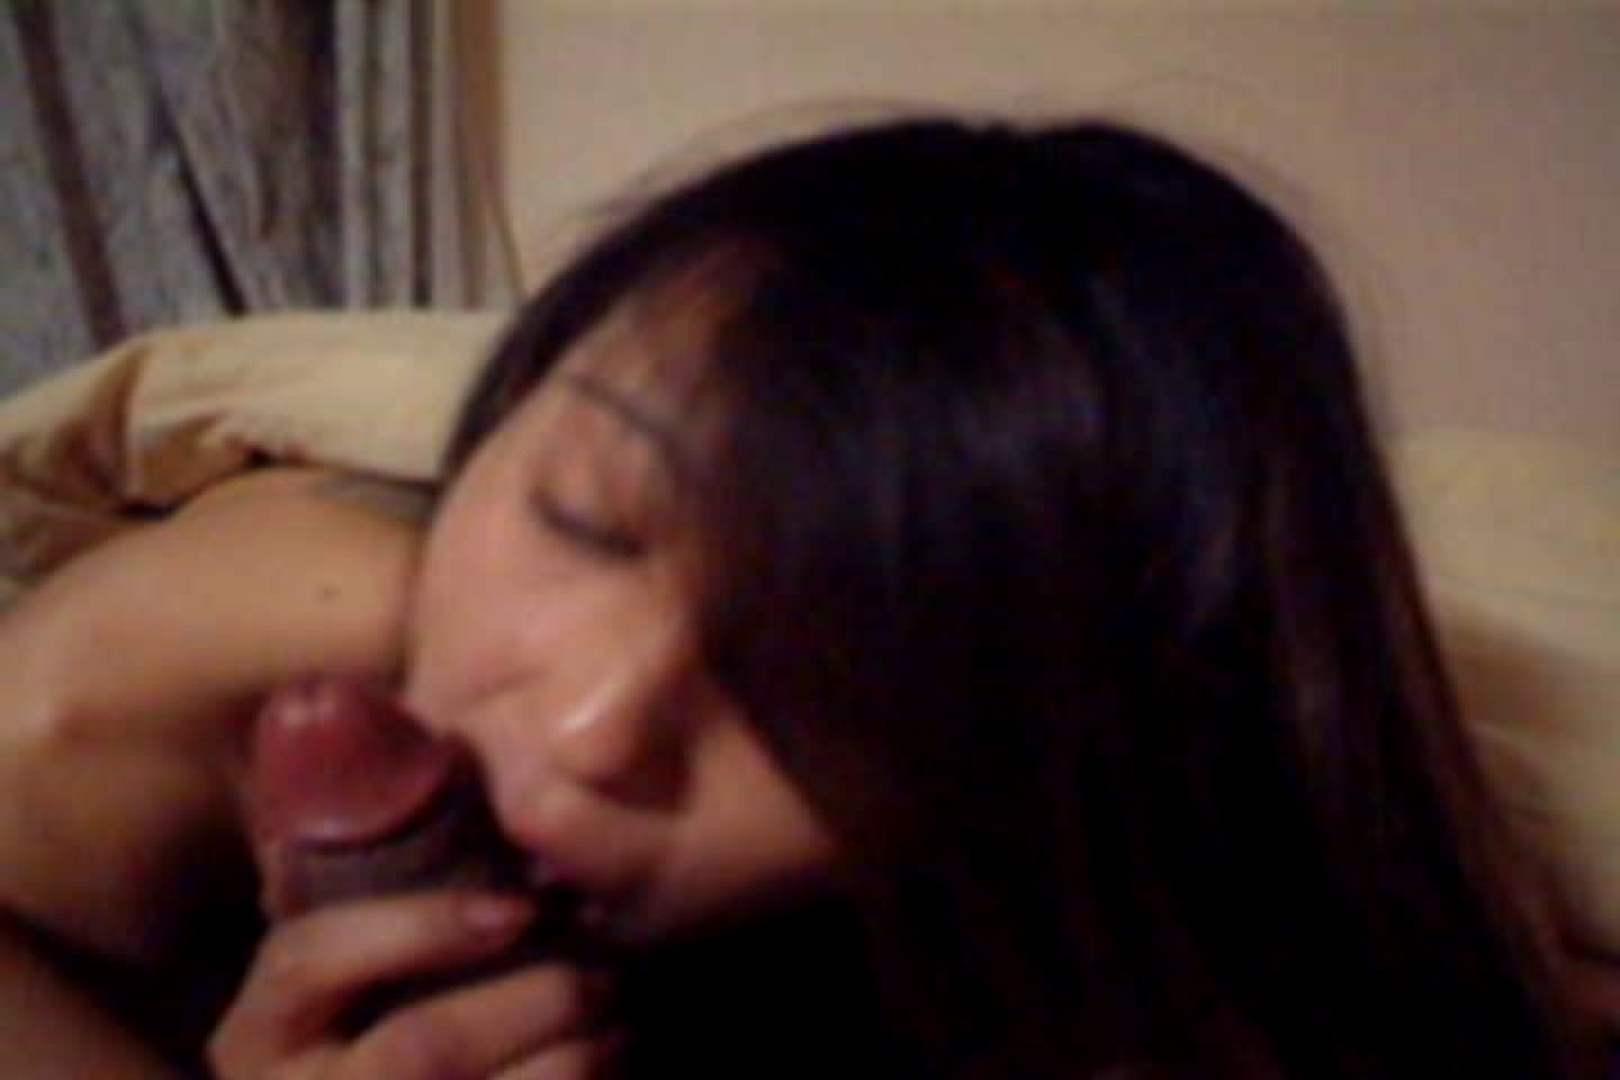 ウイルス流出 上野ゆり子バツ1のフェラ動画 ギャル達のアナル | 人妻  85画像 3